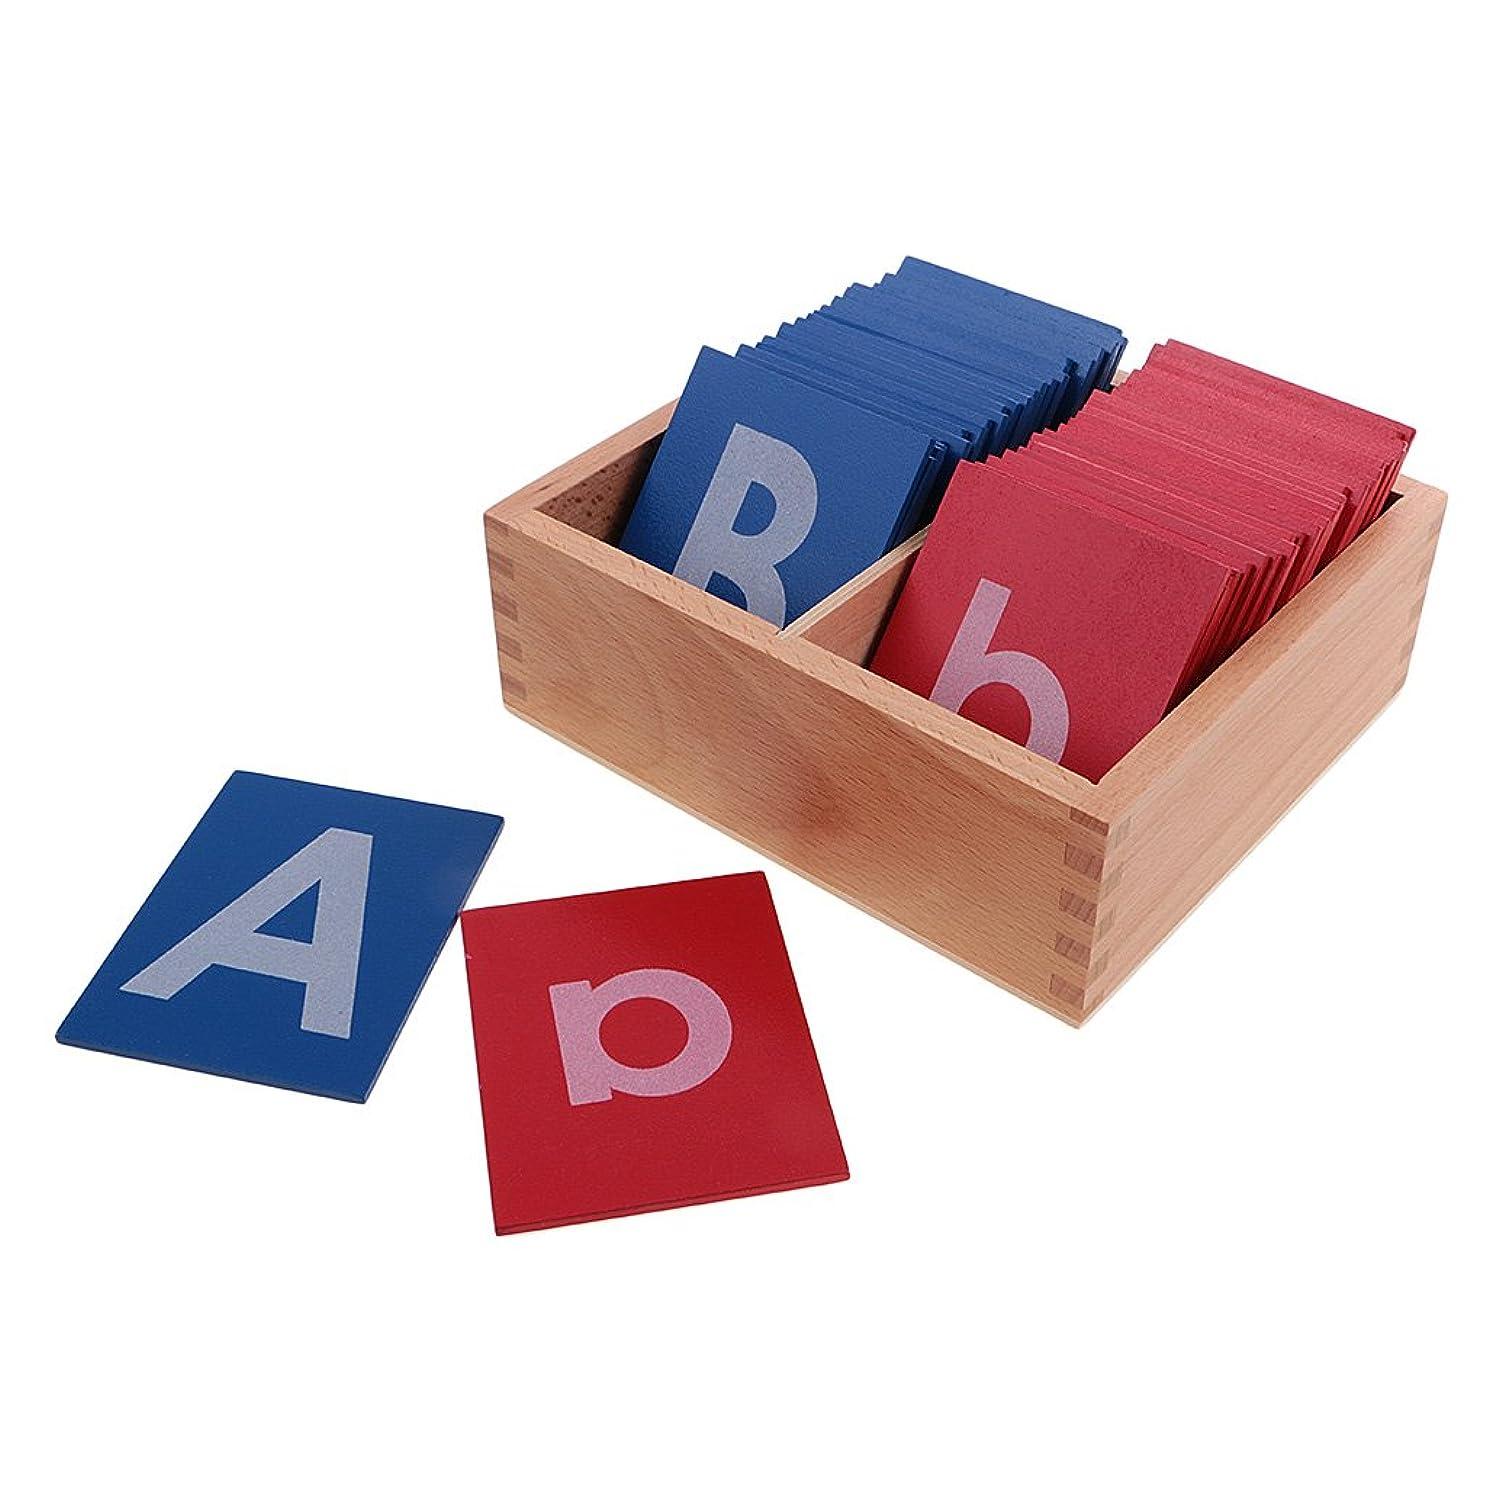 脅威カスケード震えるFenteer アルファベット フラッシュカード ワードカード キッズ向け 初期教育 木製